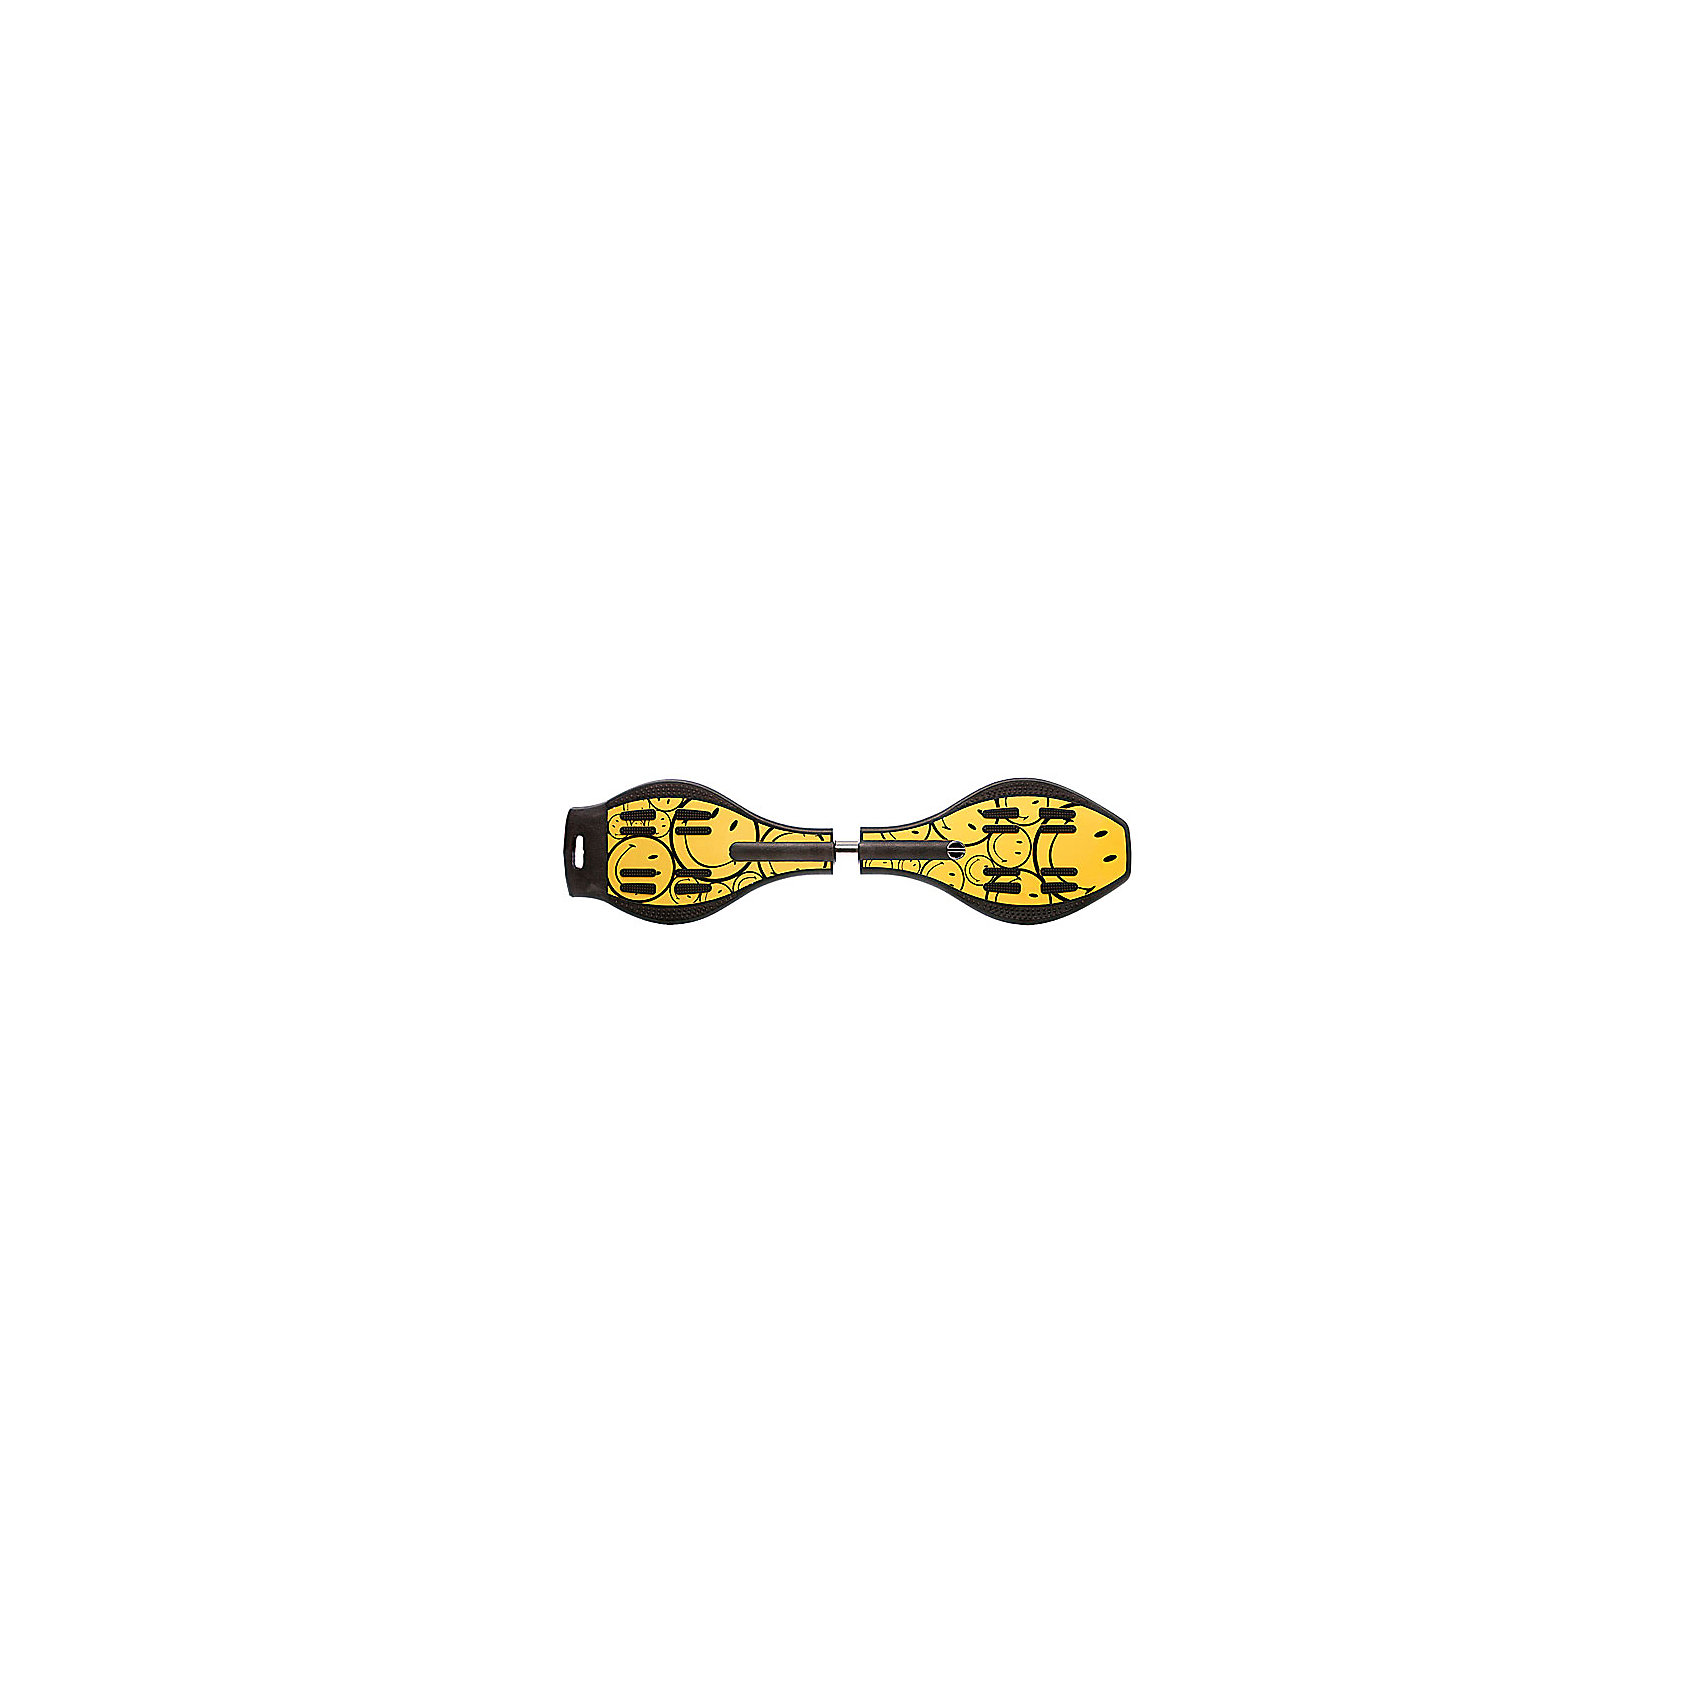 Роллерсерф Smiley, желтый